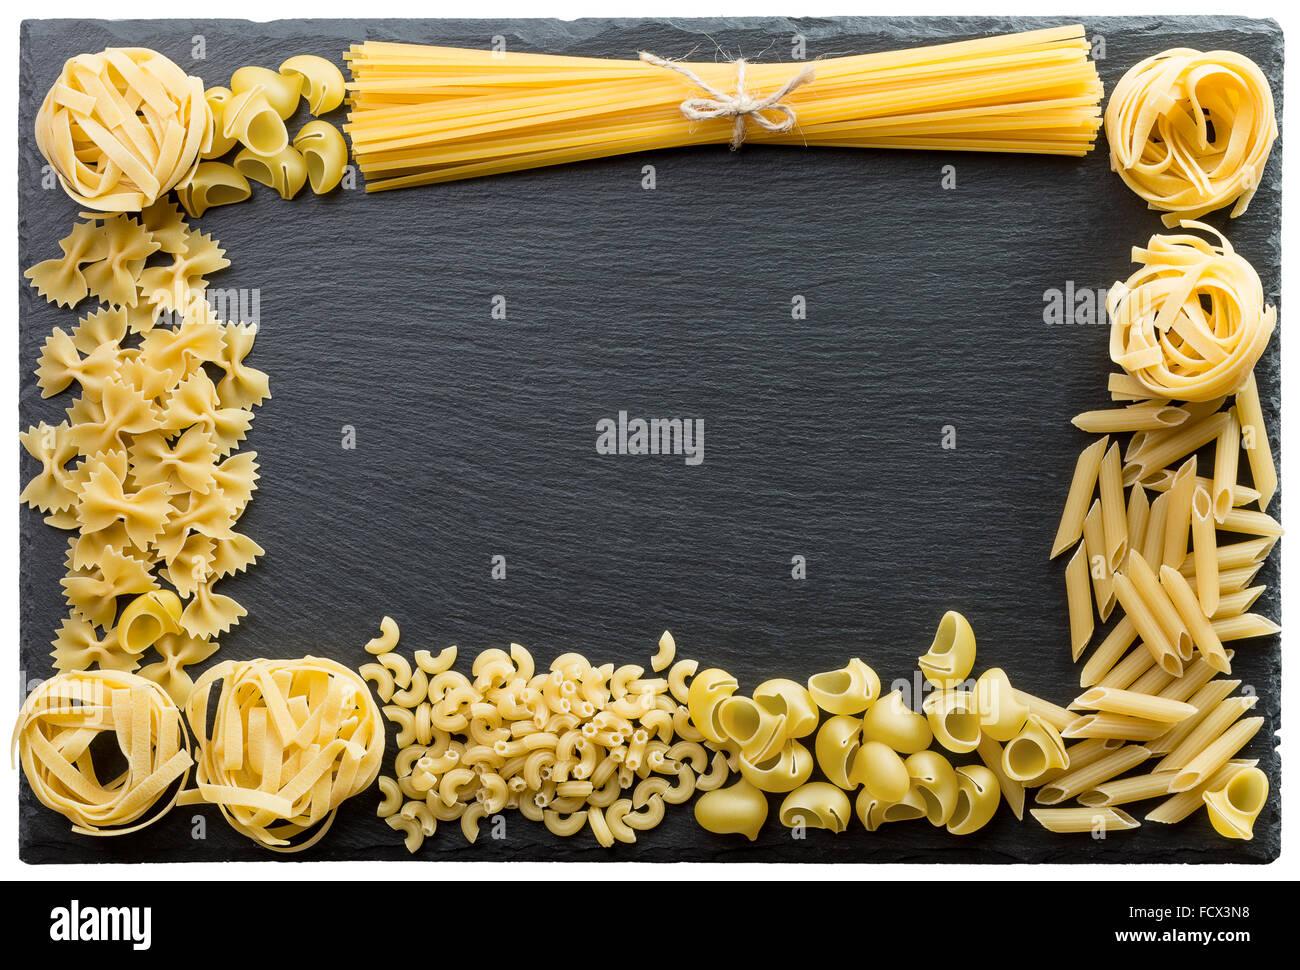 La pasta en el bastidor de soporte de pizarra. Imagen De Stock